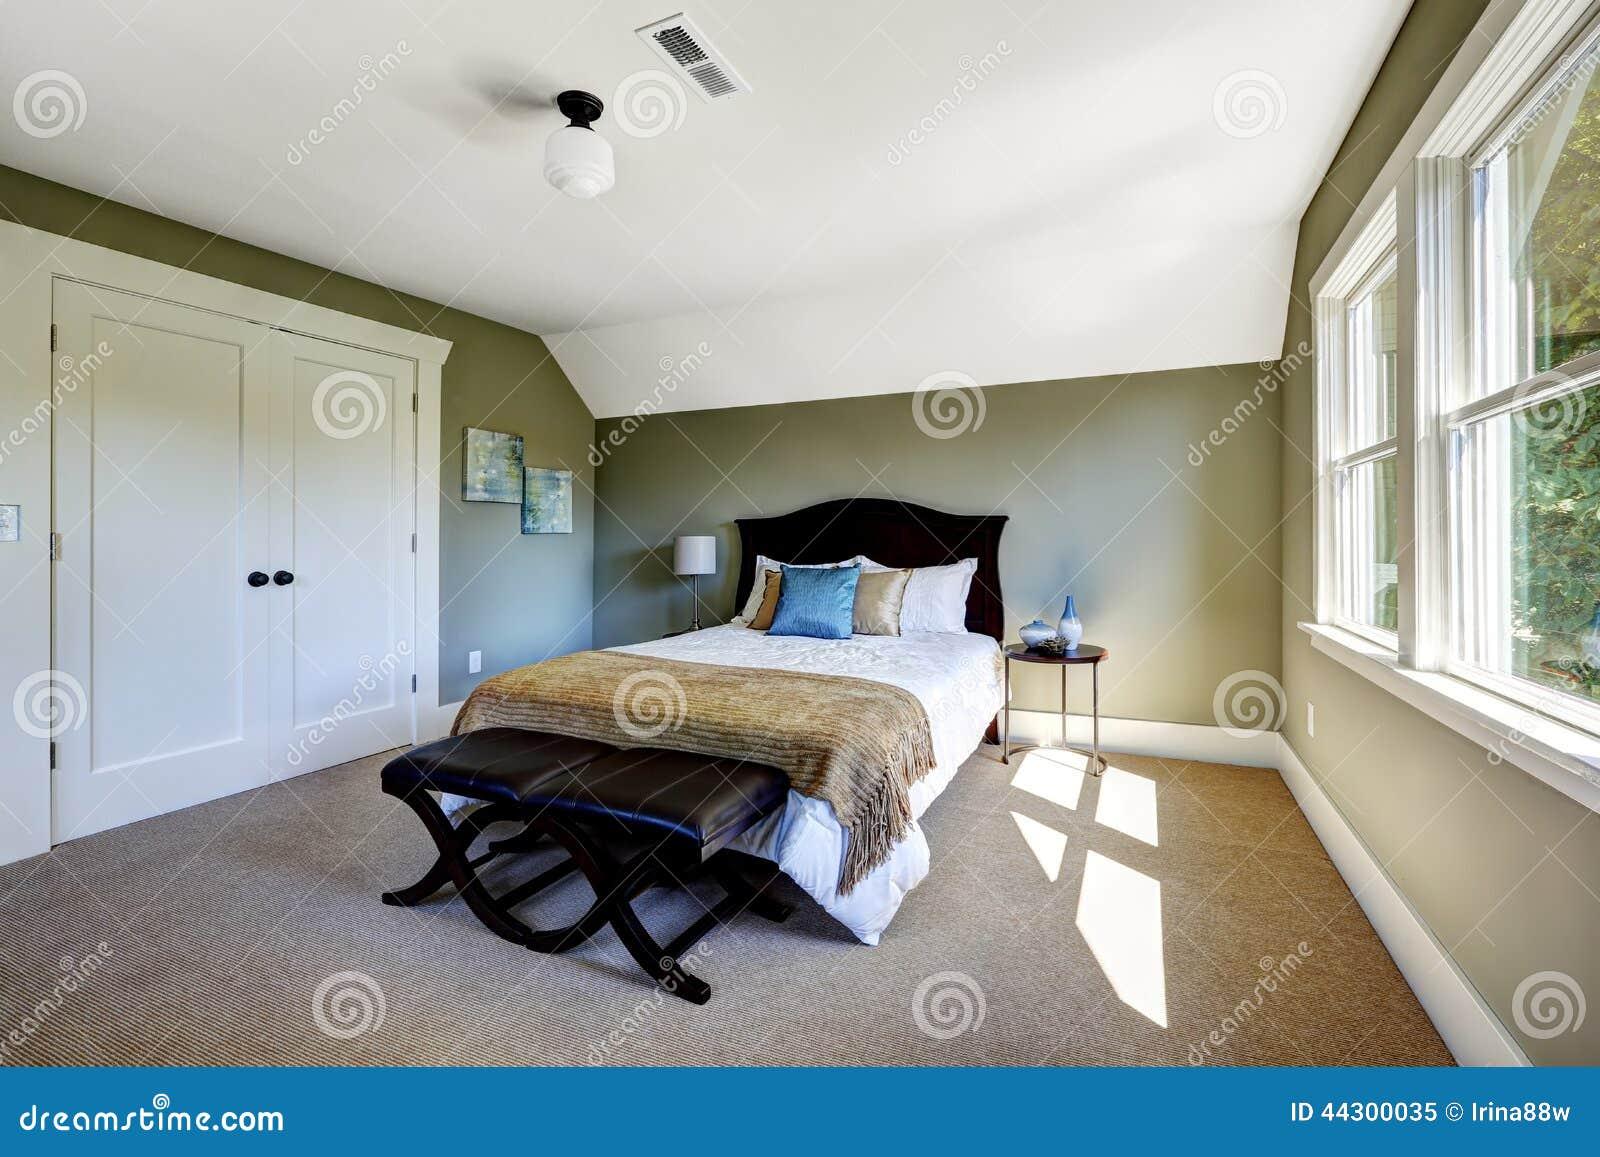 https://thumbs.dreamstime.com/z/slaapkamer-met-groene-muren-en-gewelfd-plafond-44300035.jpg